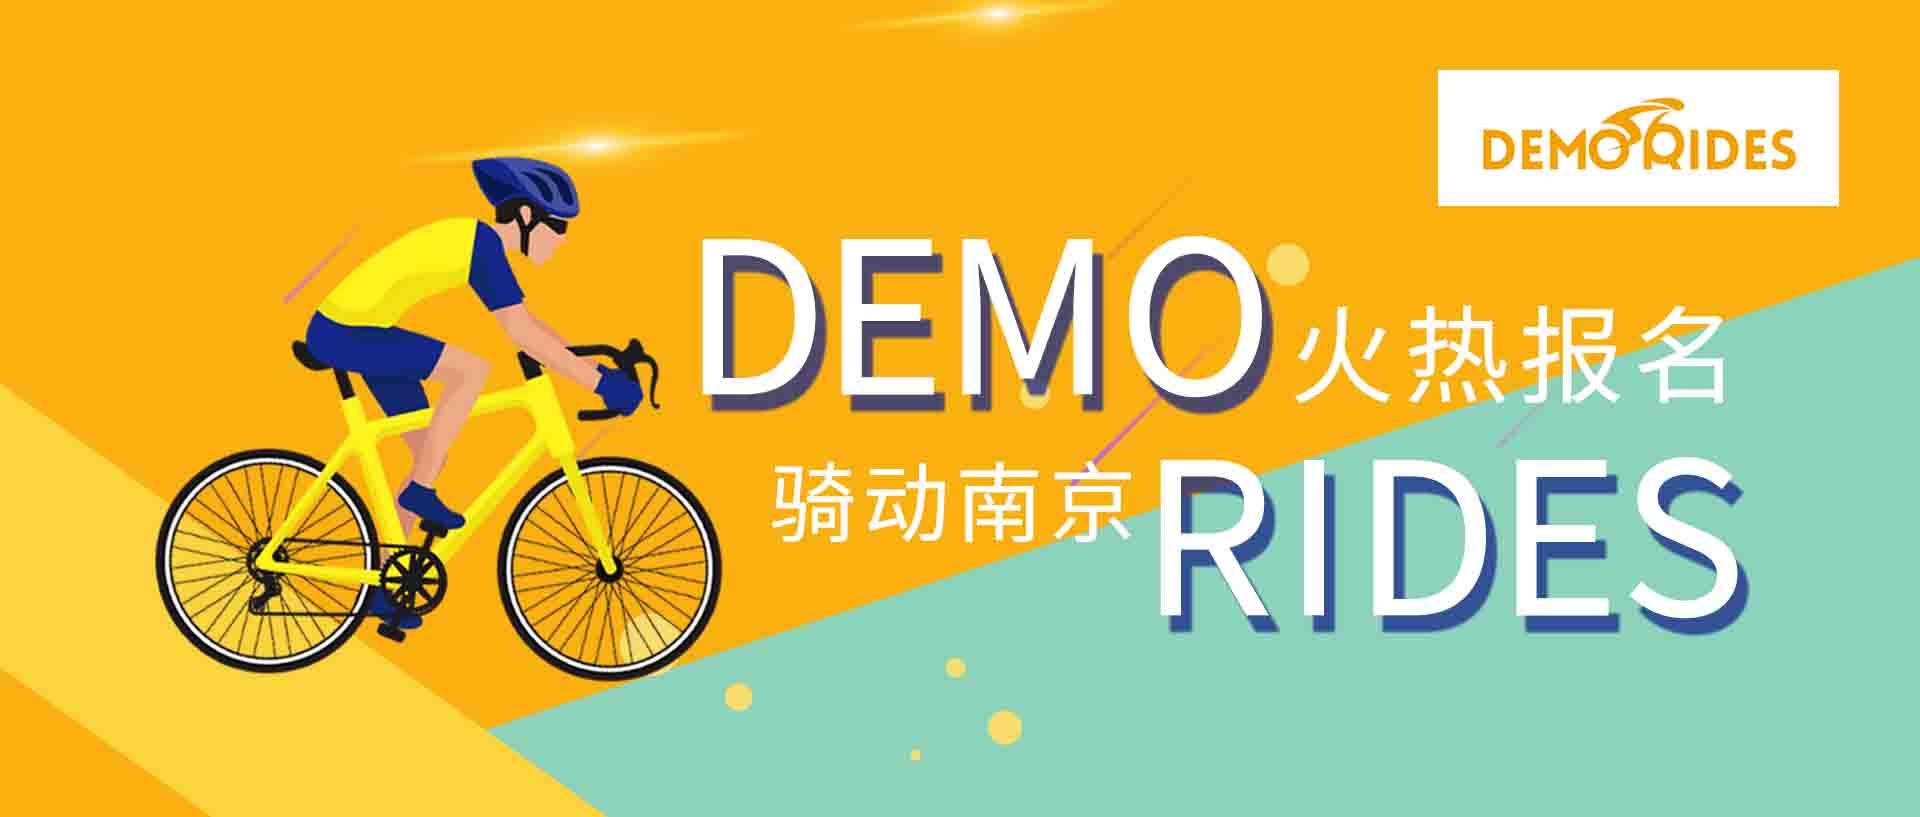 报名 | 十万元豪华自行车抢先骑, 亚太户外展Demo Rides带你骑动南京滨江 ...